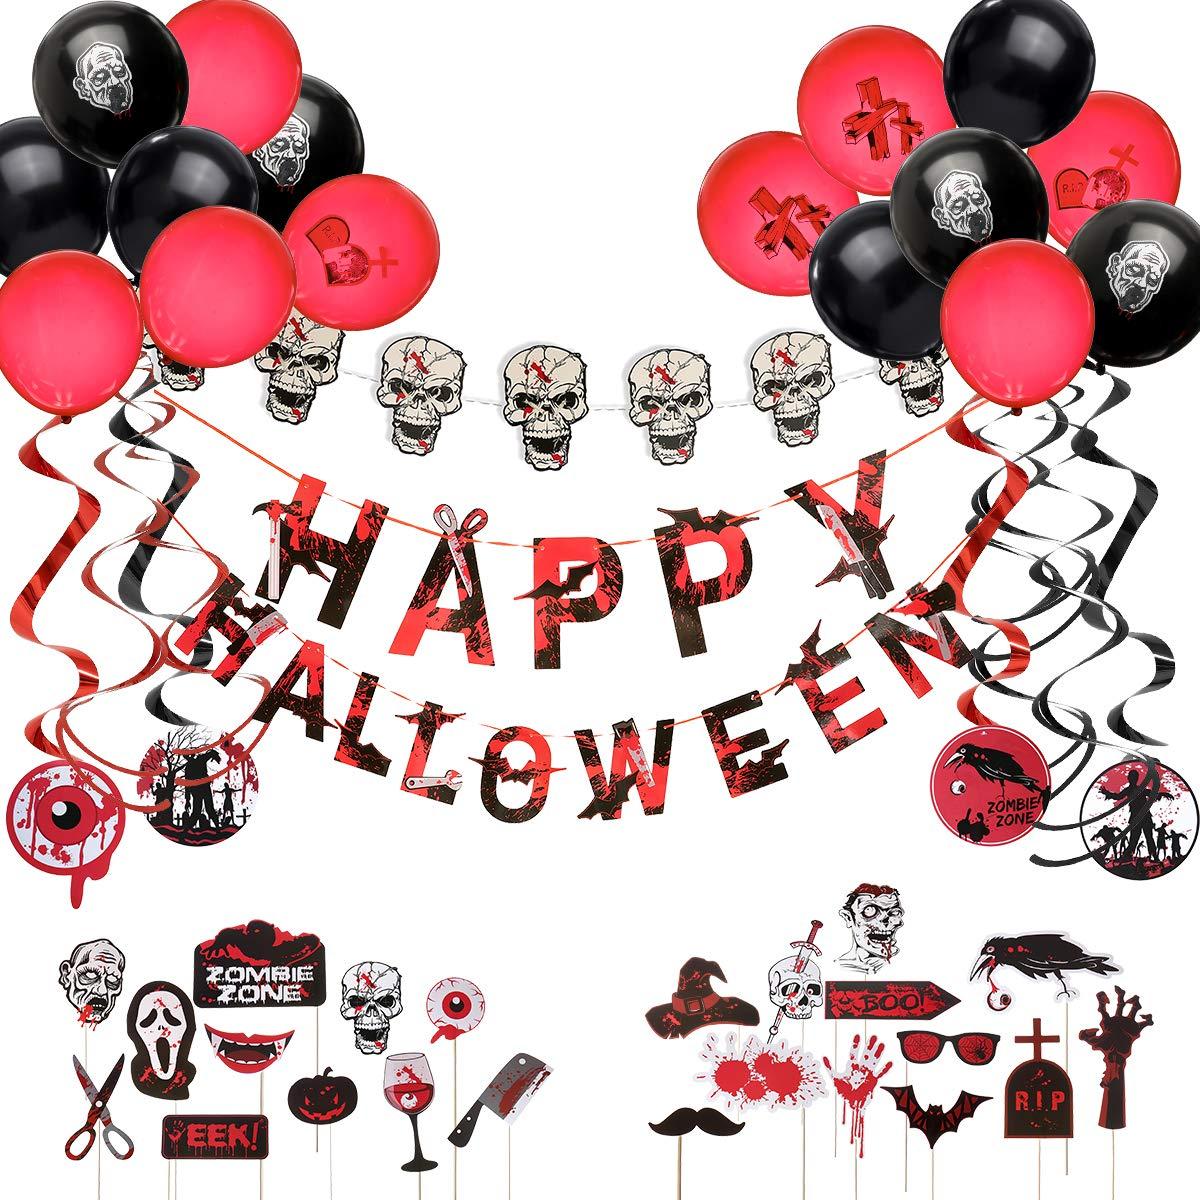 ARTISTORE Happy Halloween Fahne, Halloween Dekoration Schwarze und rote Ballone, Spiralband, Schädel-Schnur mit Lichtern…